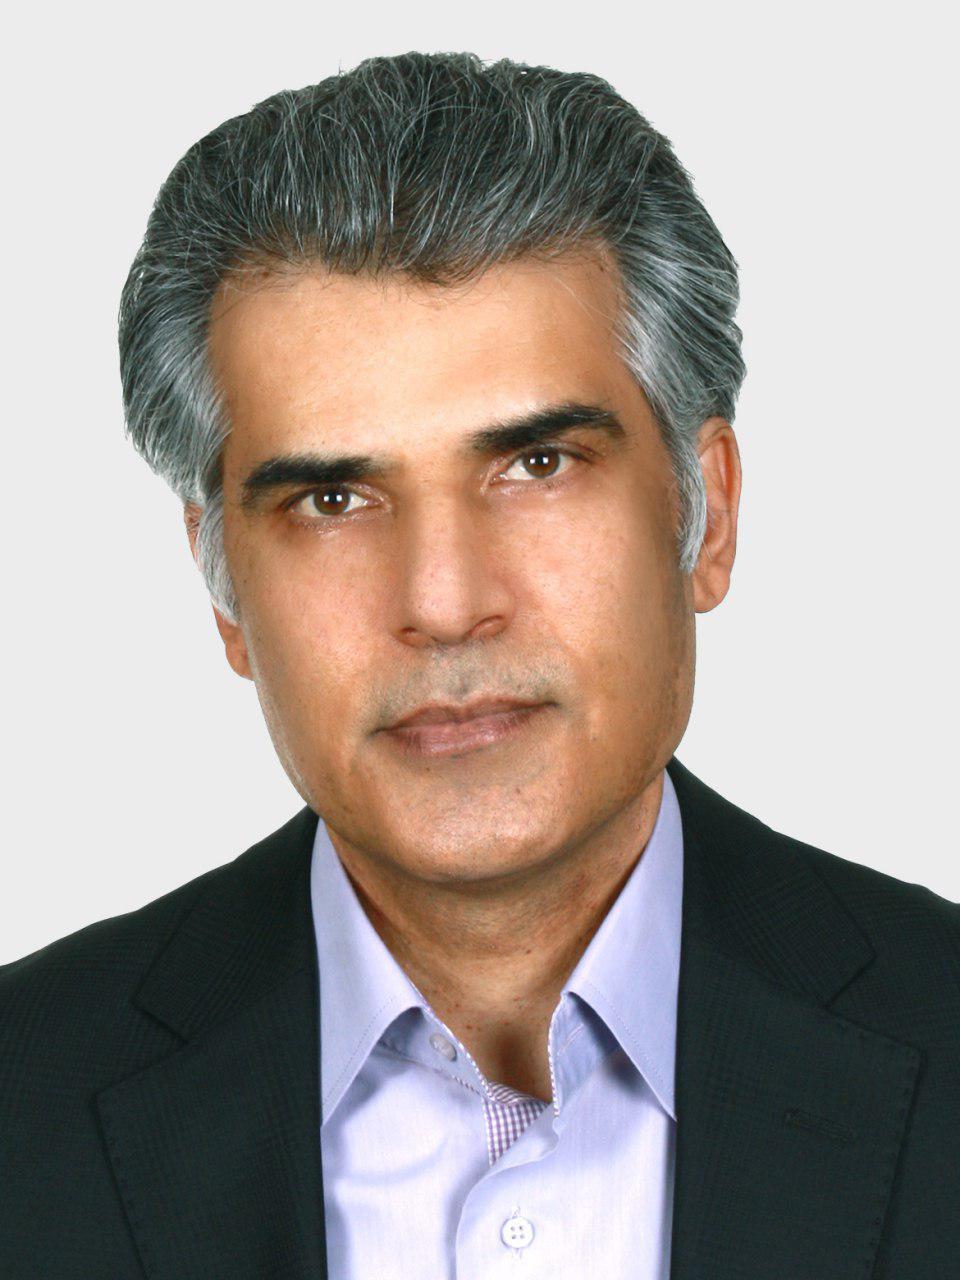 دکتر آقای دکتر محمدرضا برزگری بافقی